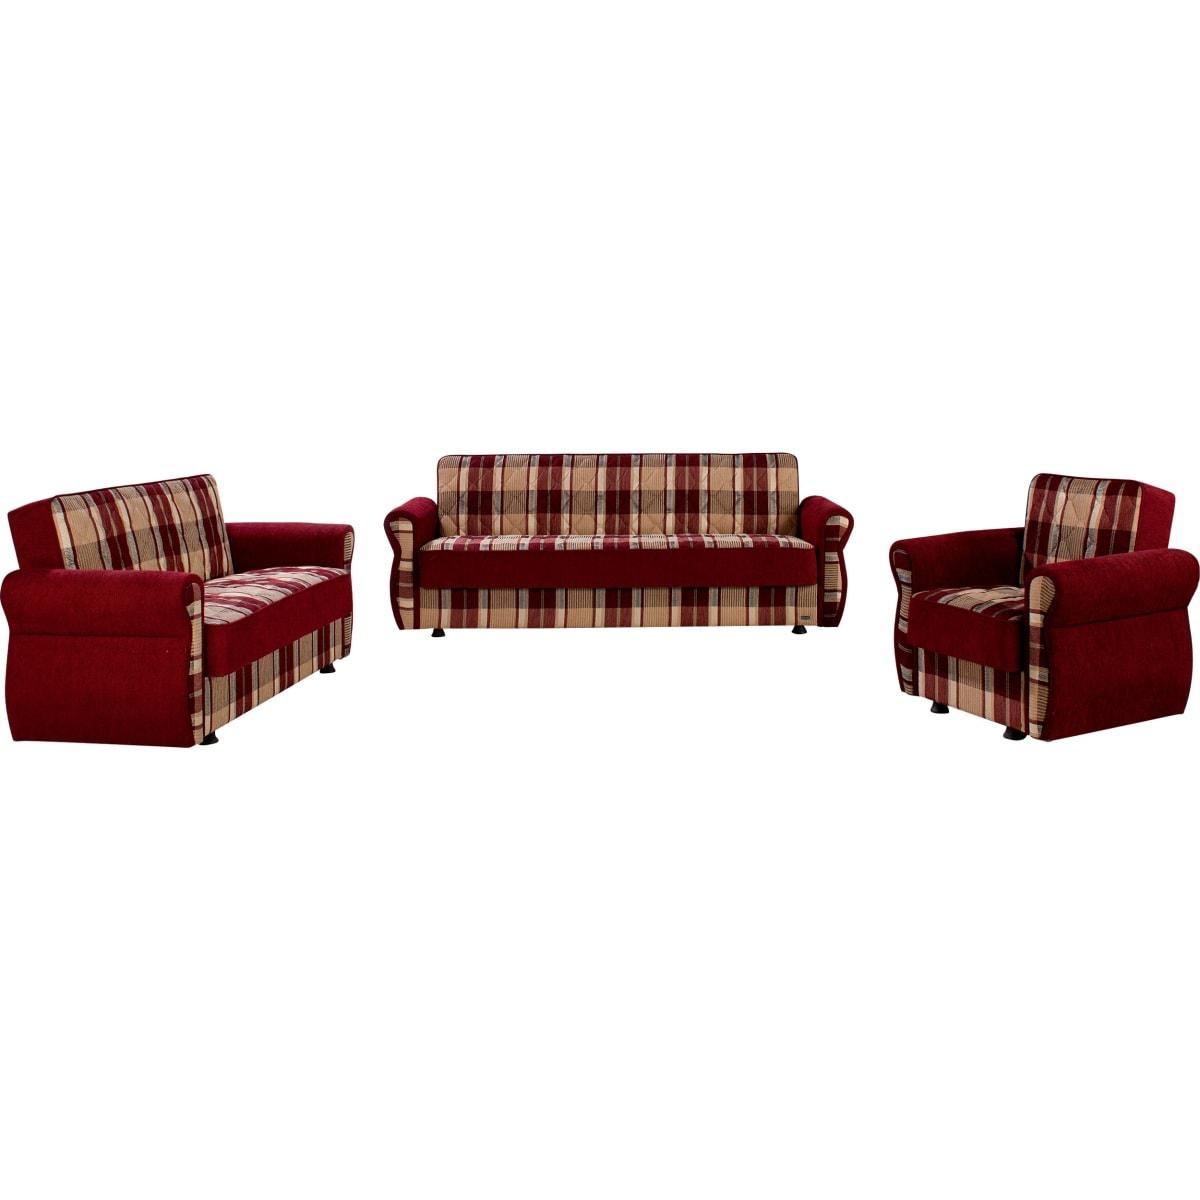 polstergarnitur rot gemustert polsterm bel wohnen. Black Bedroom Furniture Sets. Home Design Ideas